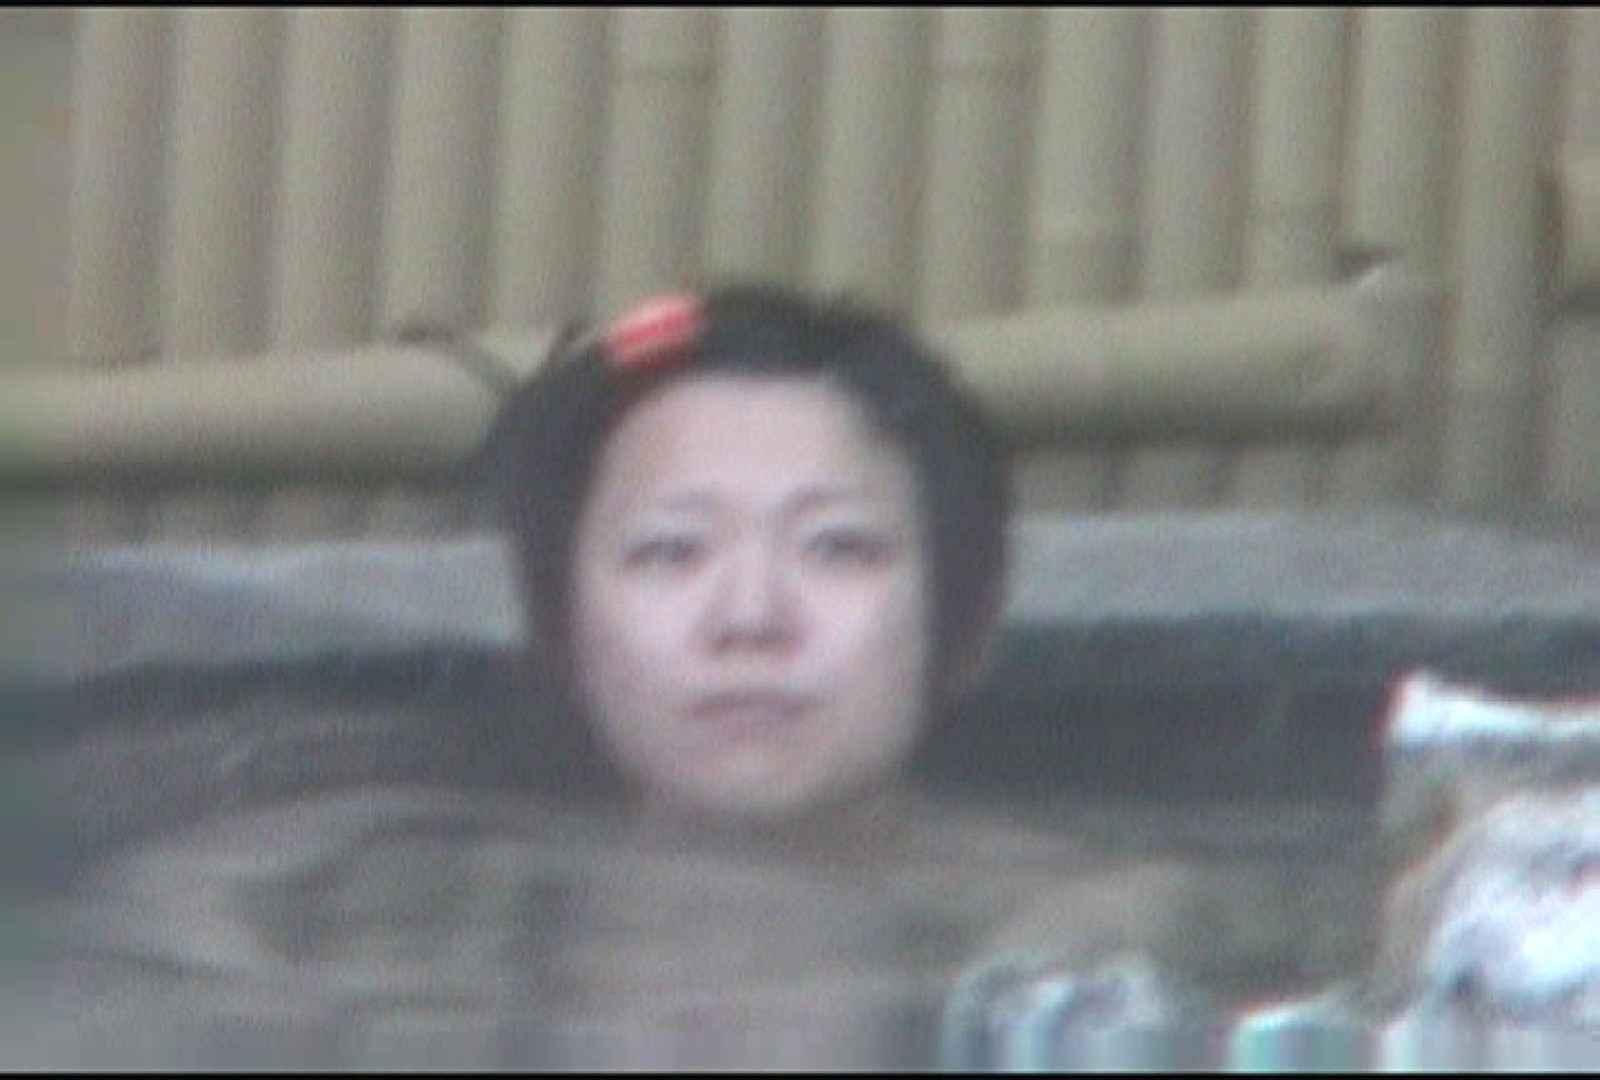 Aquaな露天風呂Vol.175 OLセックス 盗み撮りAV無料動画キャプチャ 77画像 29